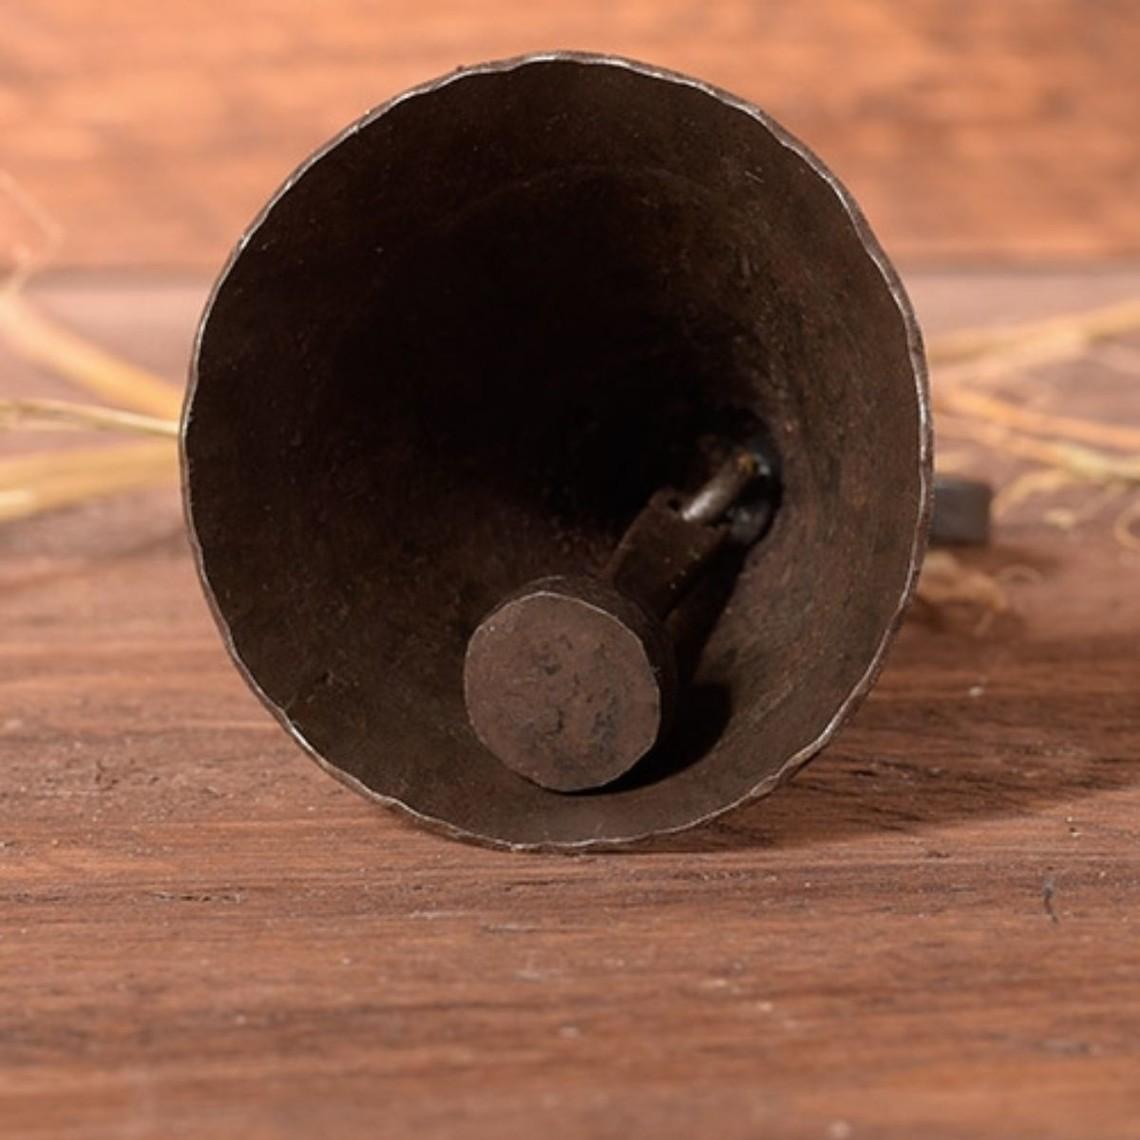 Ulfberth Ręcznie kute żelazo dzwon